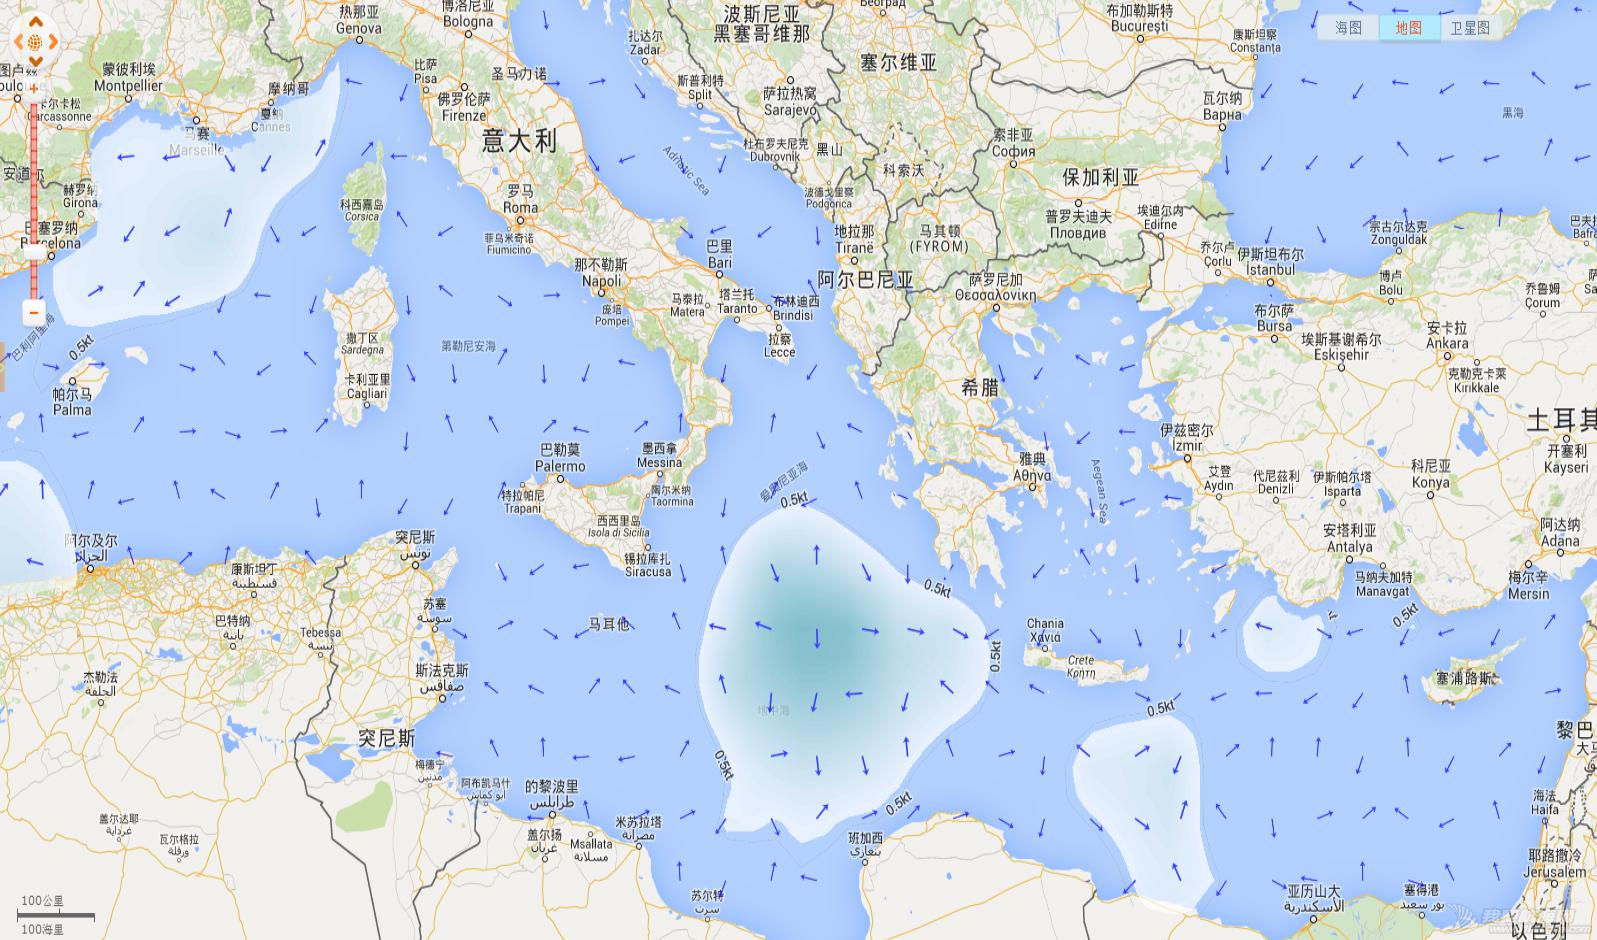 地中海水流问题 一天前的地中海洋流 20150706